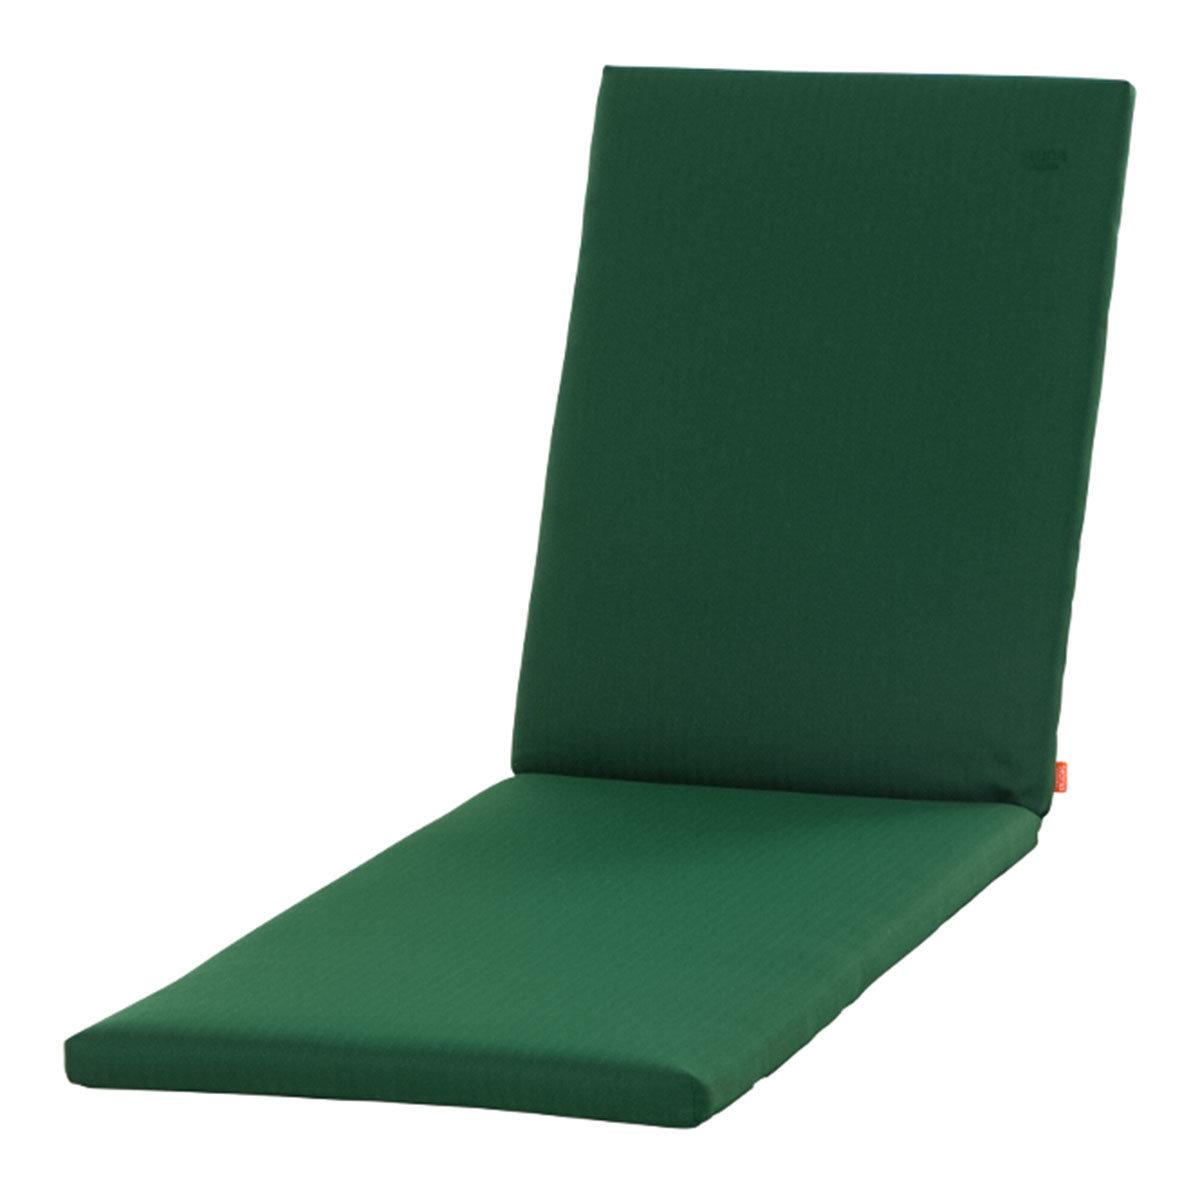 Gartenliegen-Auflage Aster, smaragdgrün